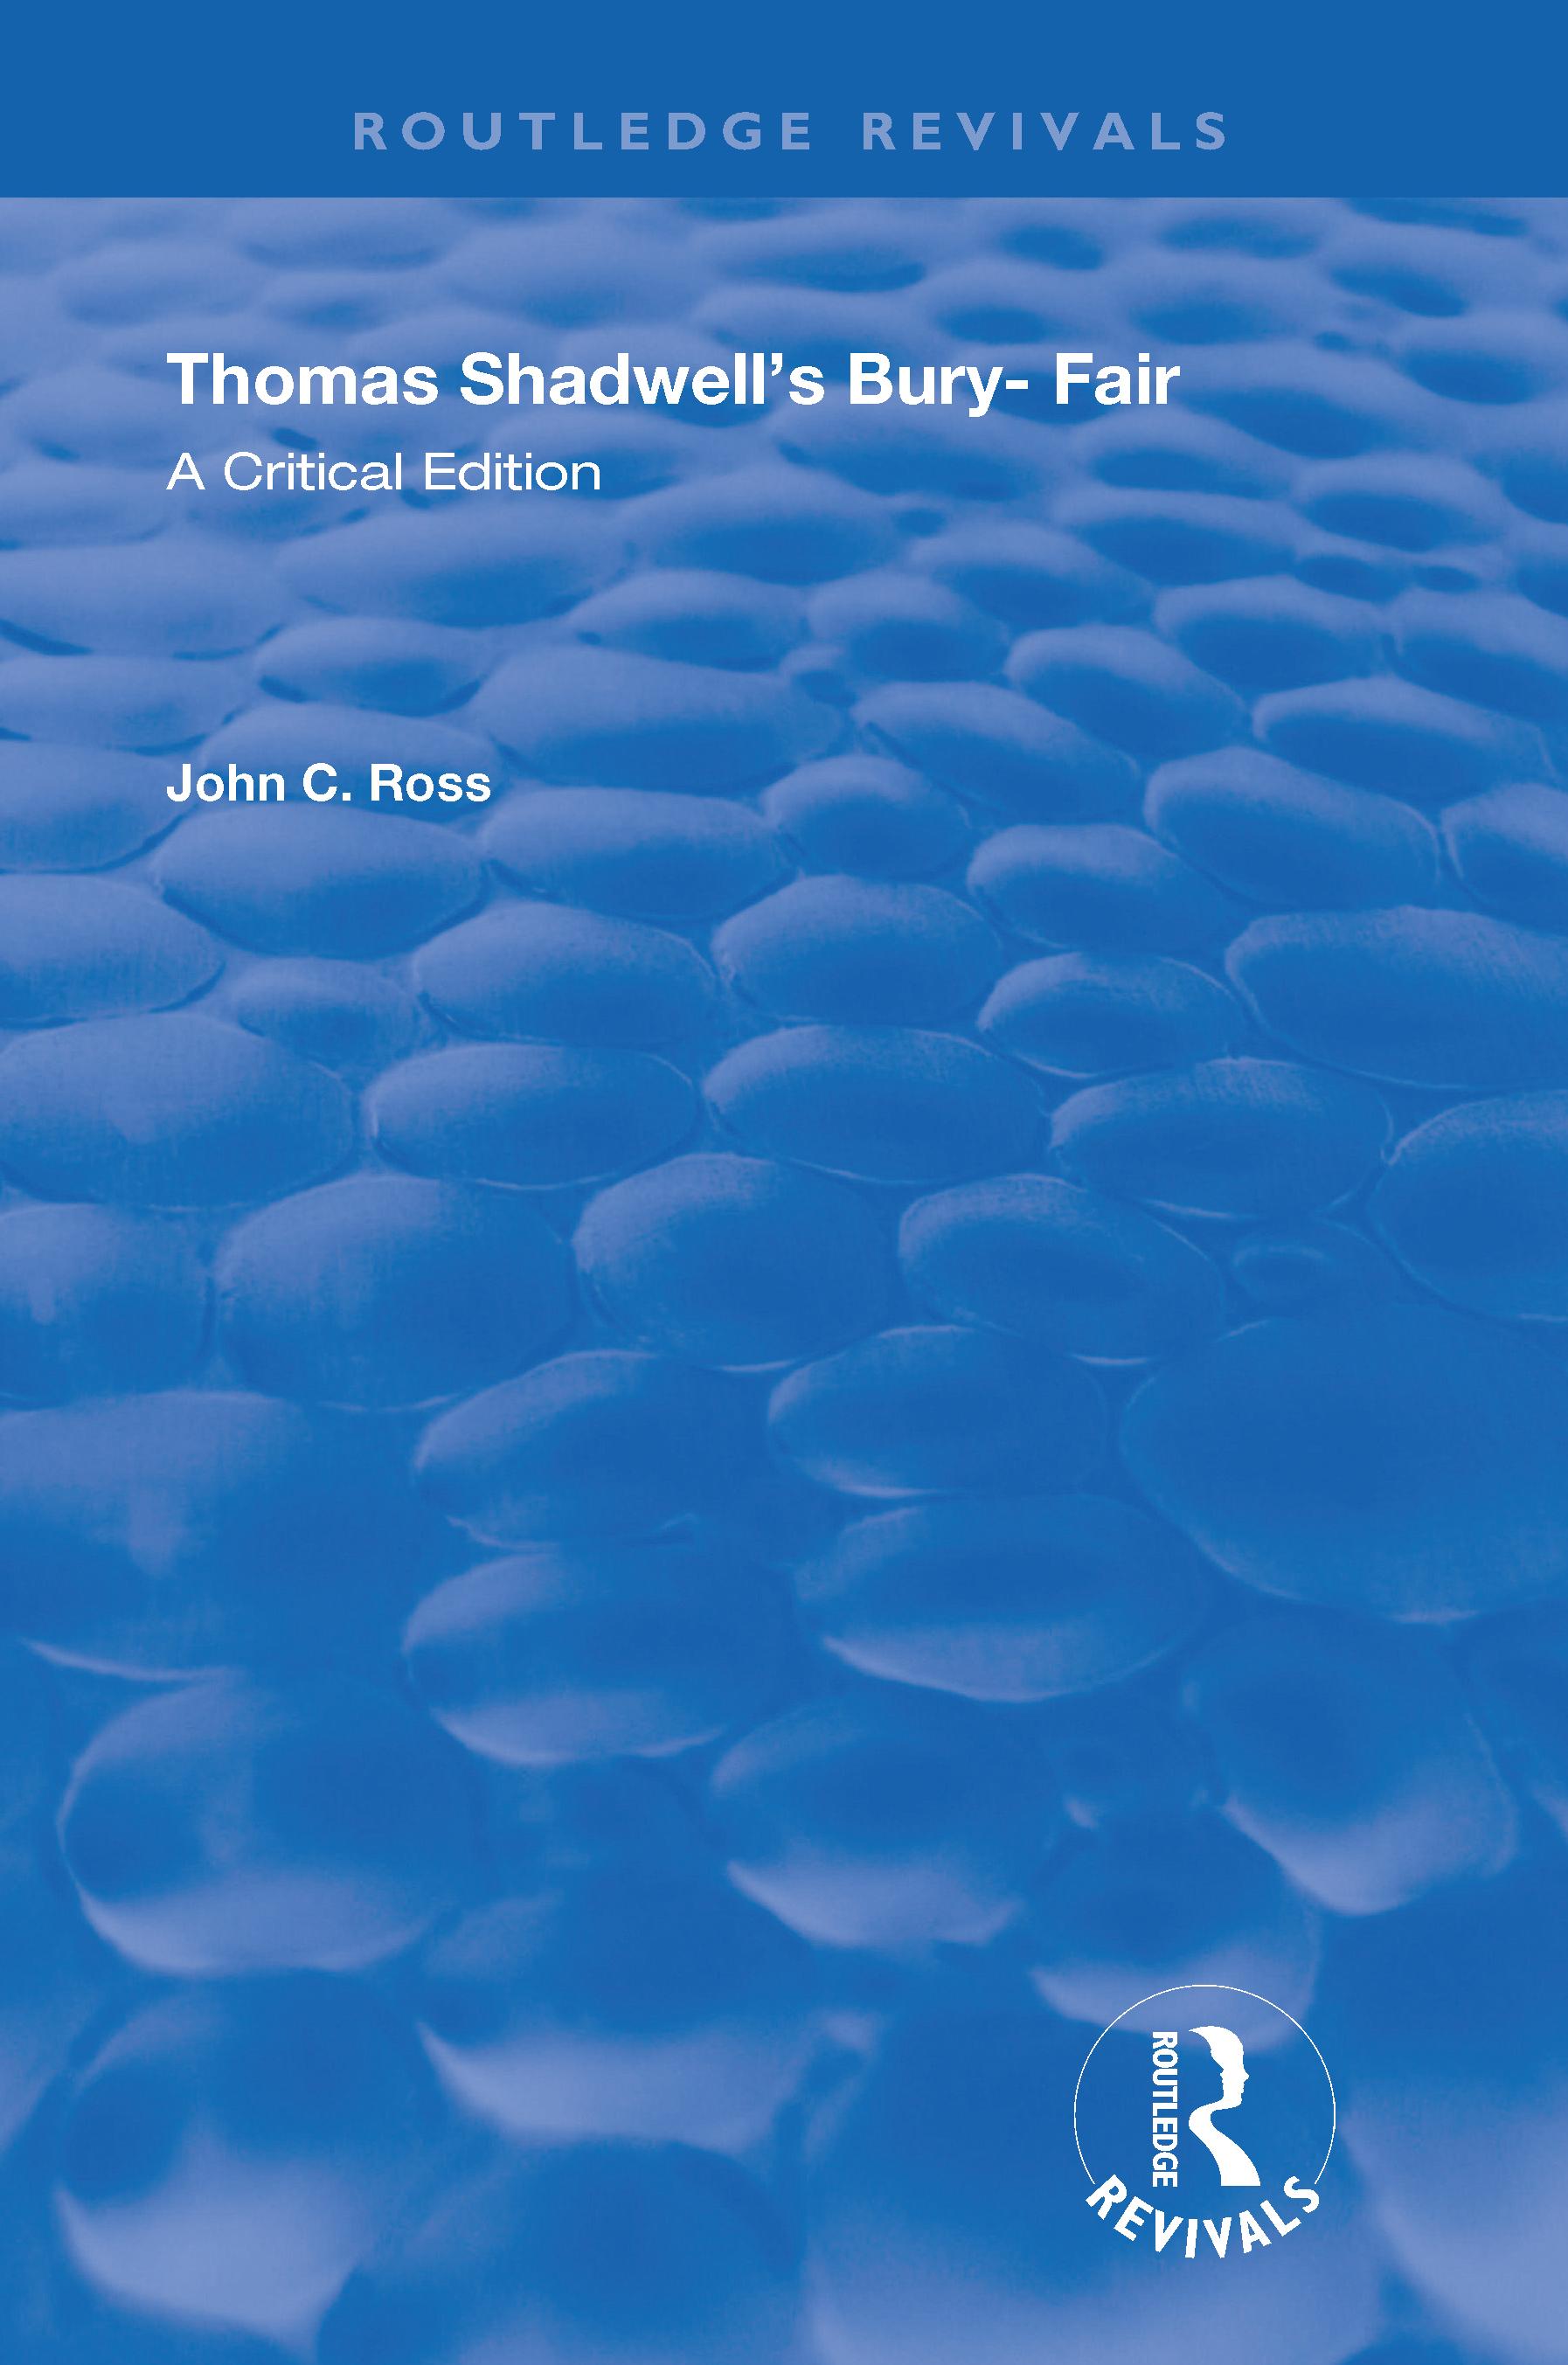 Thomas Shadwell's Bury-Fair: A Critical Edition book cover